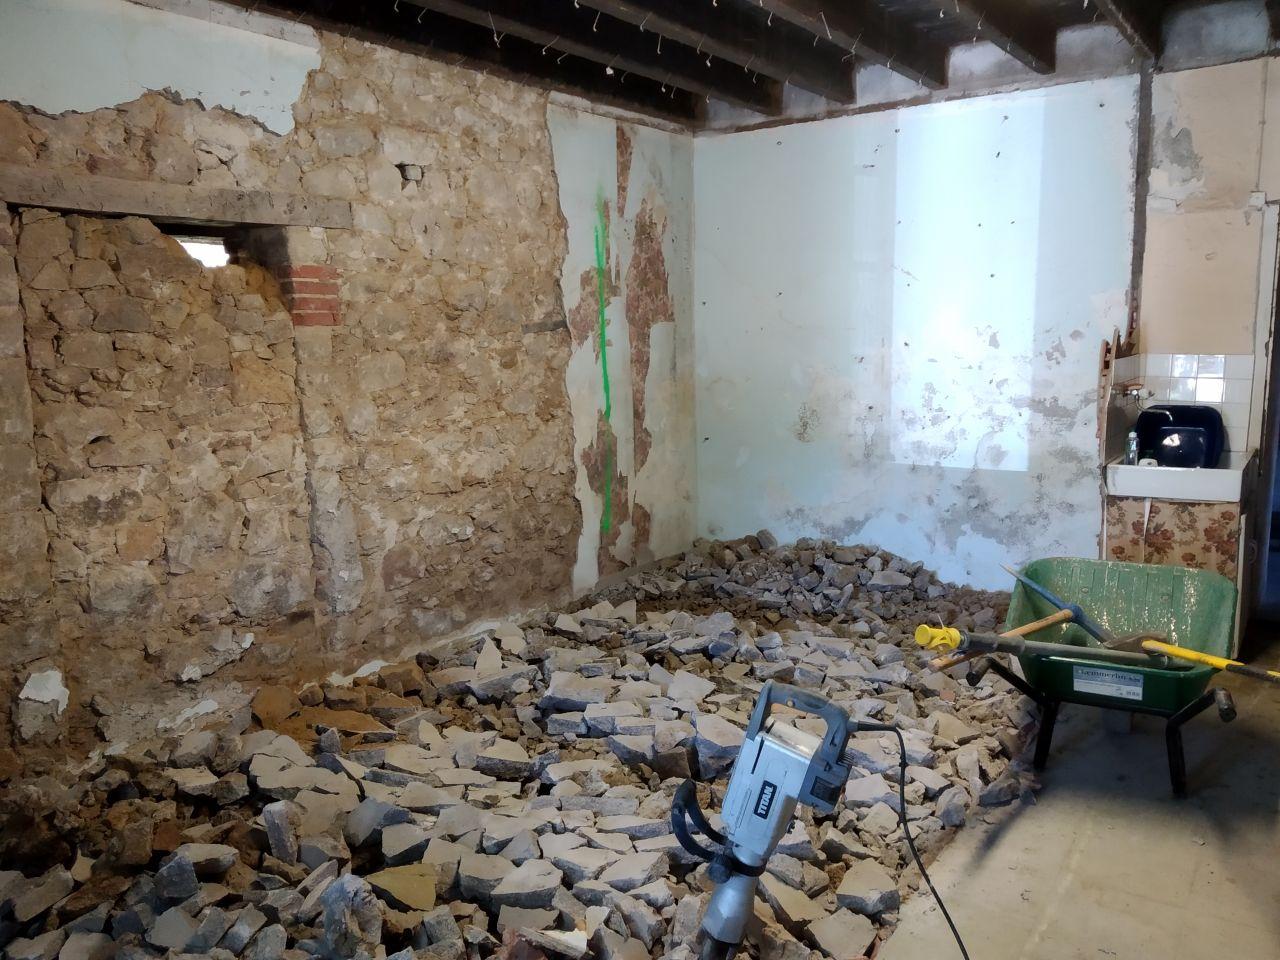 comme le perfo est en panne , le piquetage des mur attendra un peu. <br /> on prend plus gros et on casse la dalle sur la moitié de la maison pour commencer <br /> il reste a tout déblayer et mettre a niveau  après on pourra attaquer l'autre coté